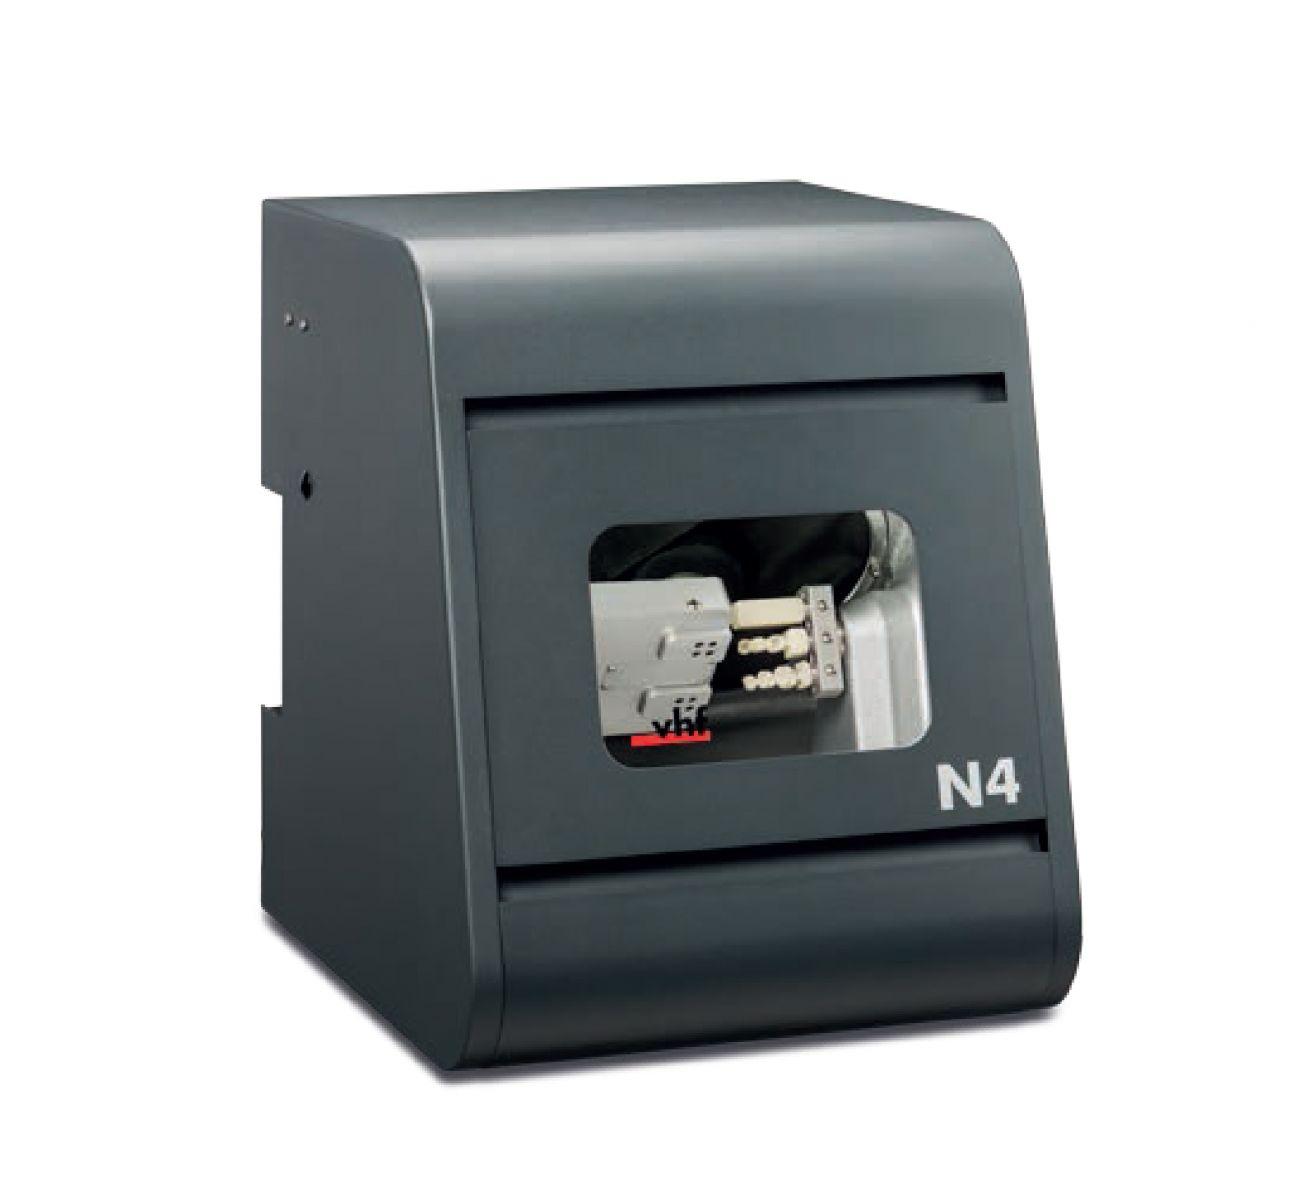 Máy tiện N4